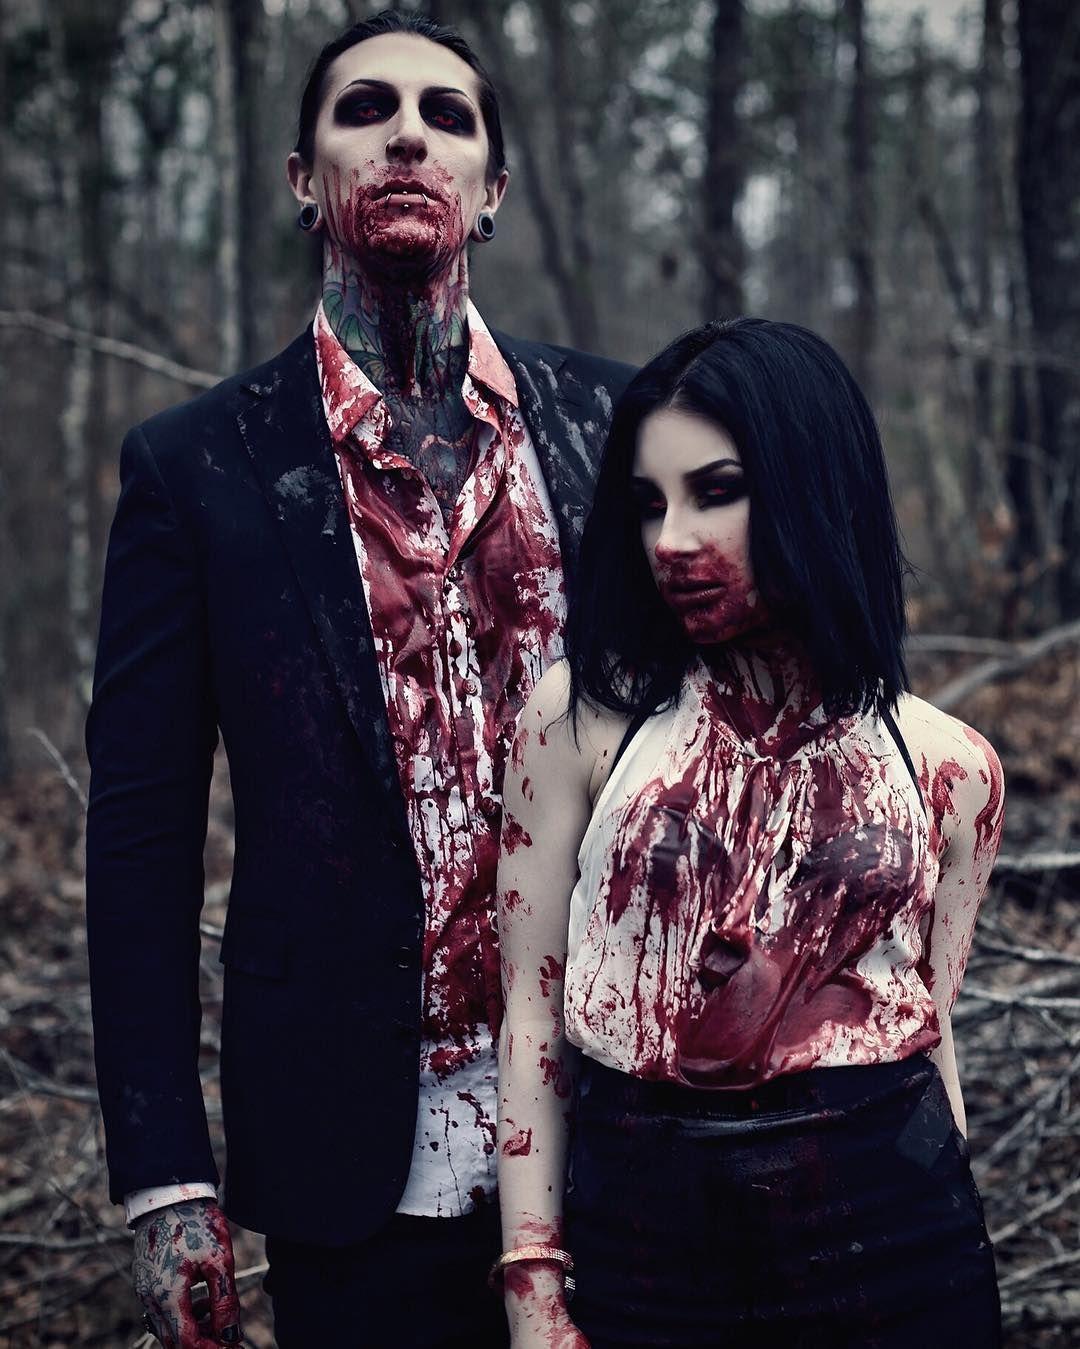 Furias vampiros que ya no pueden recuperar su humanidad